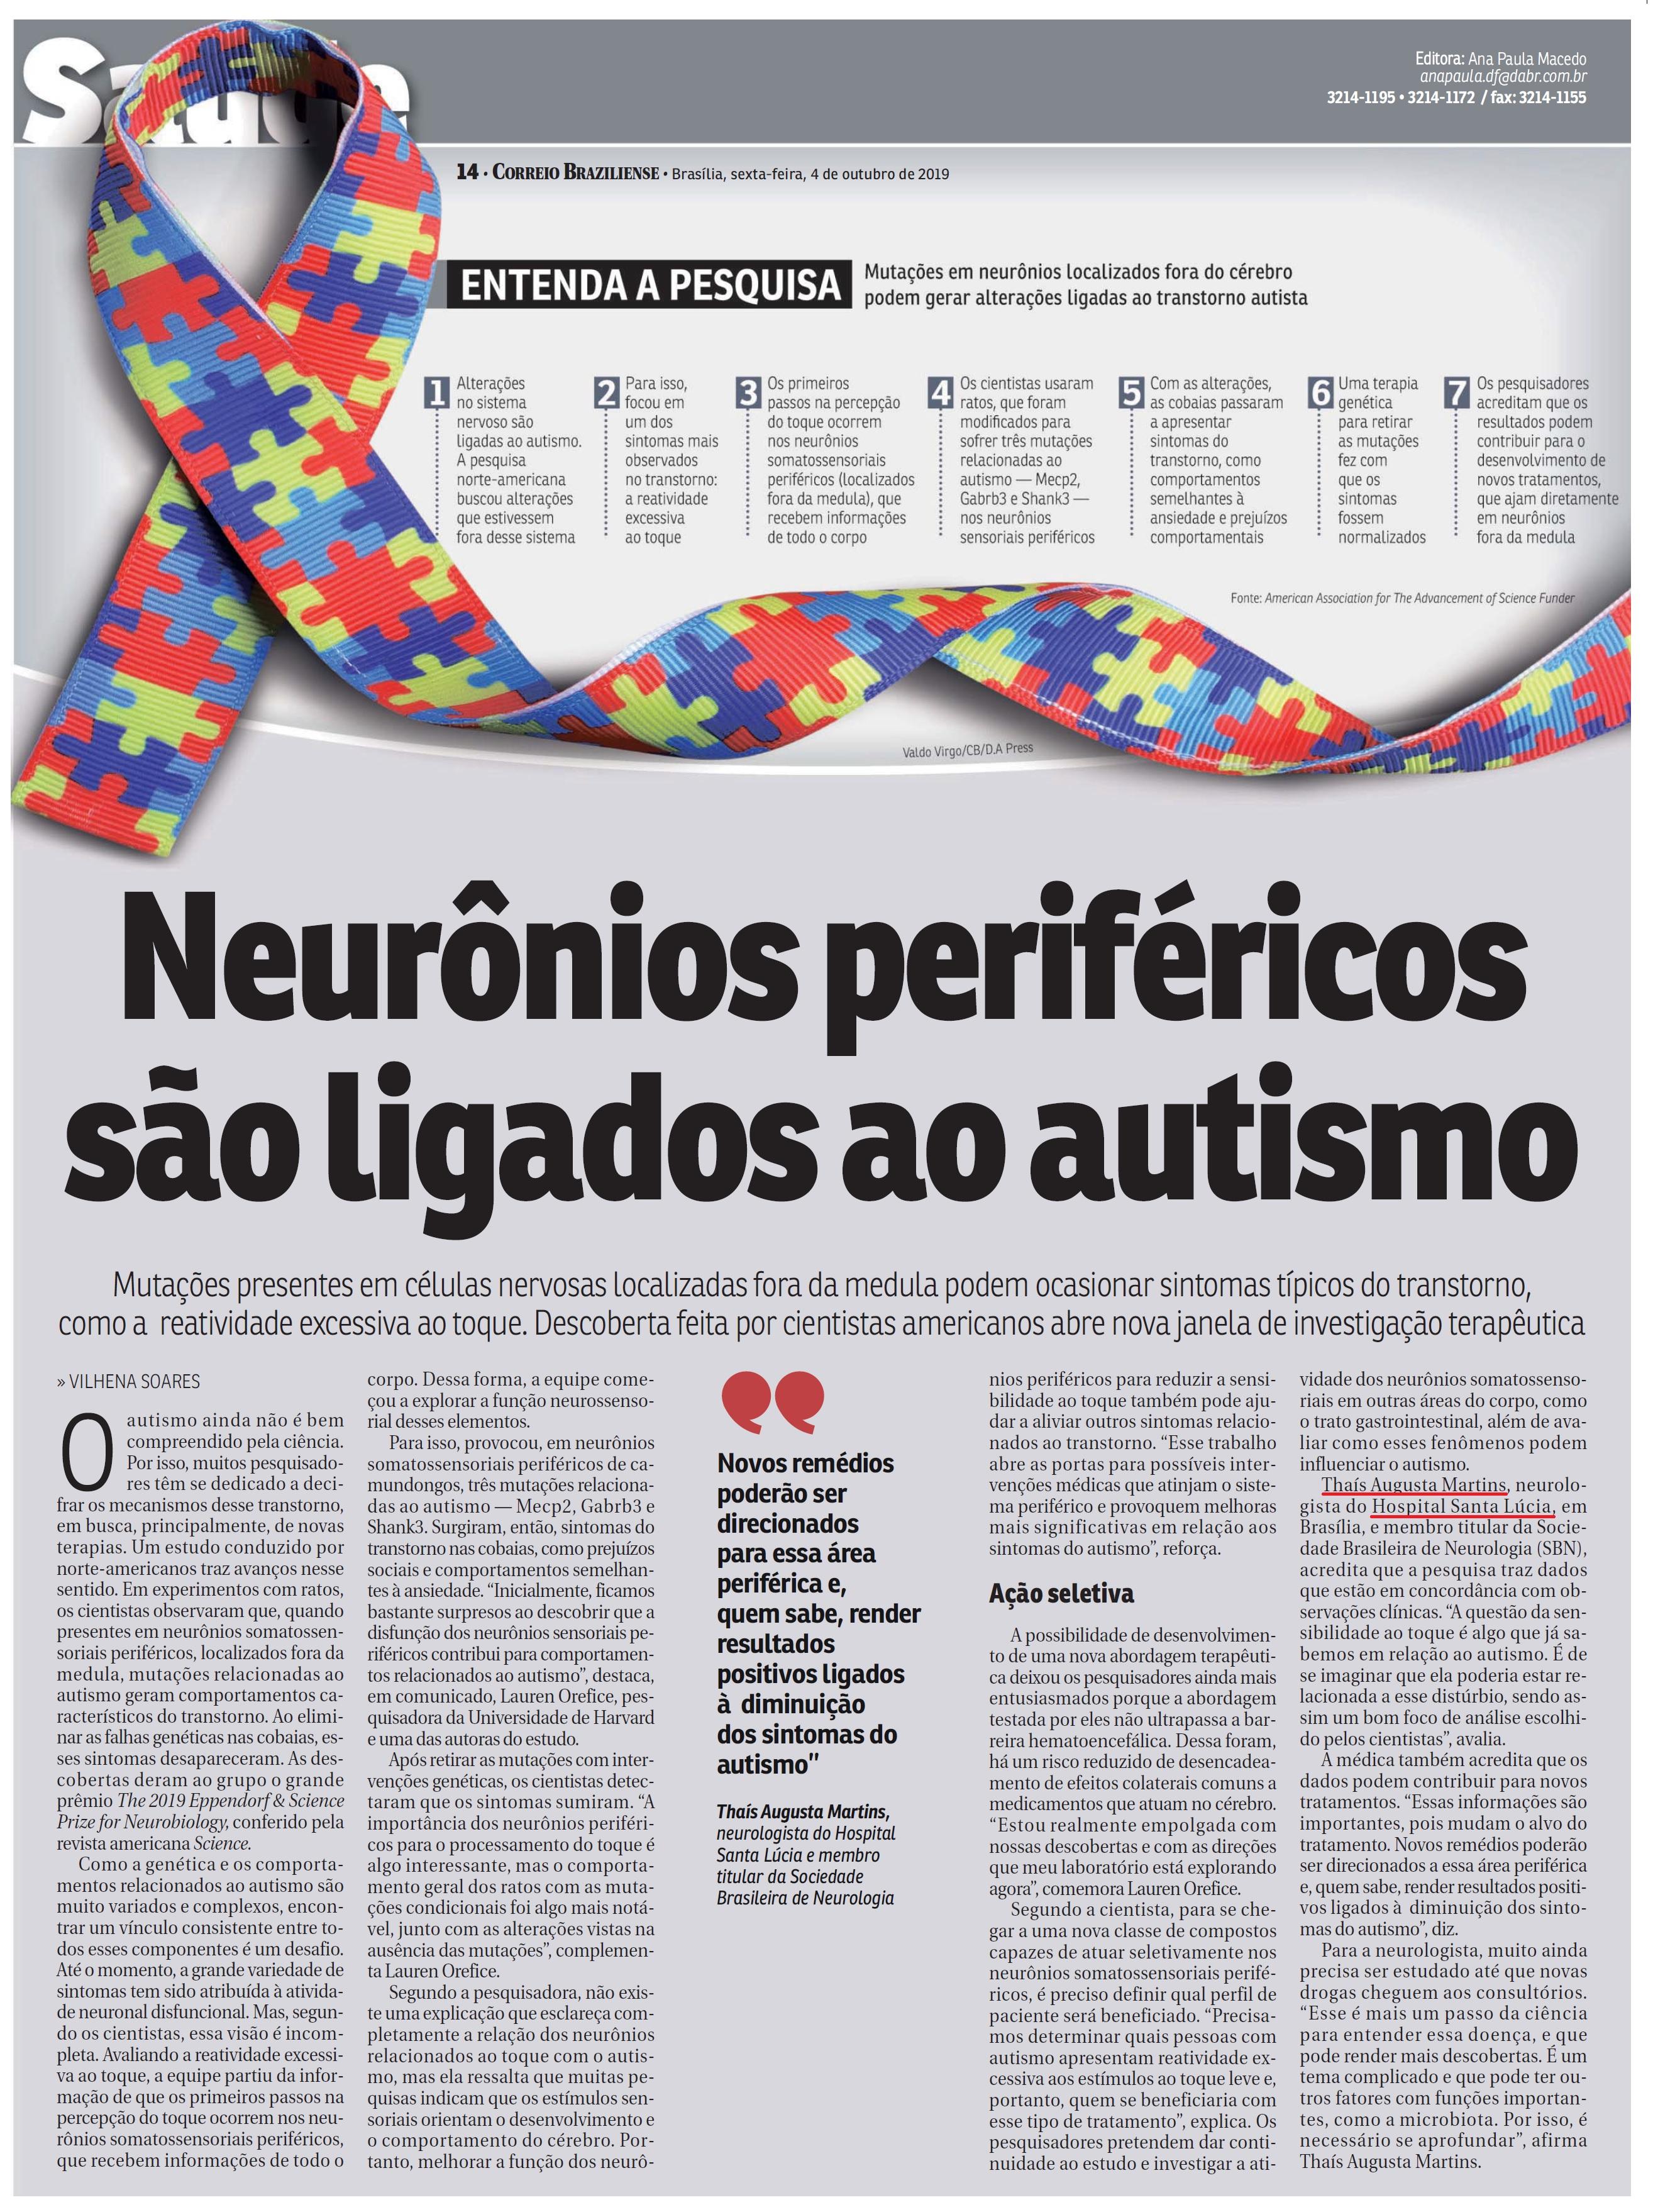 Correio Braziliense - Dra. Thaís Augusta Martins HSLS - 04-10-2019